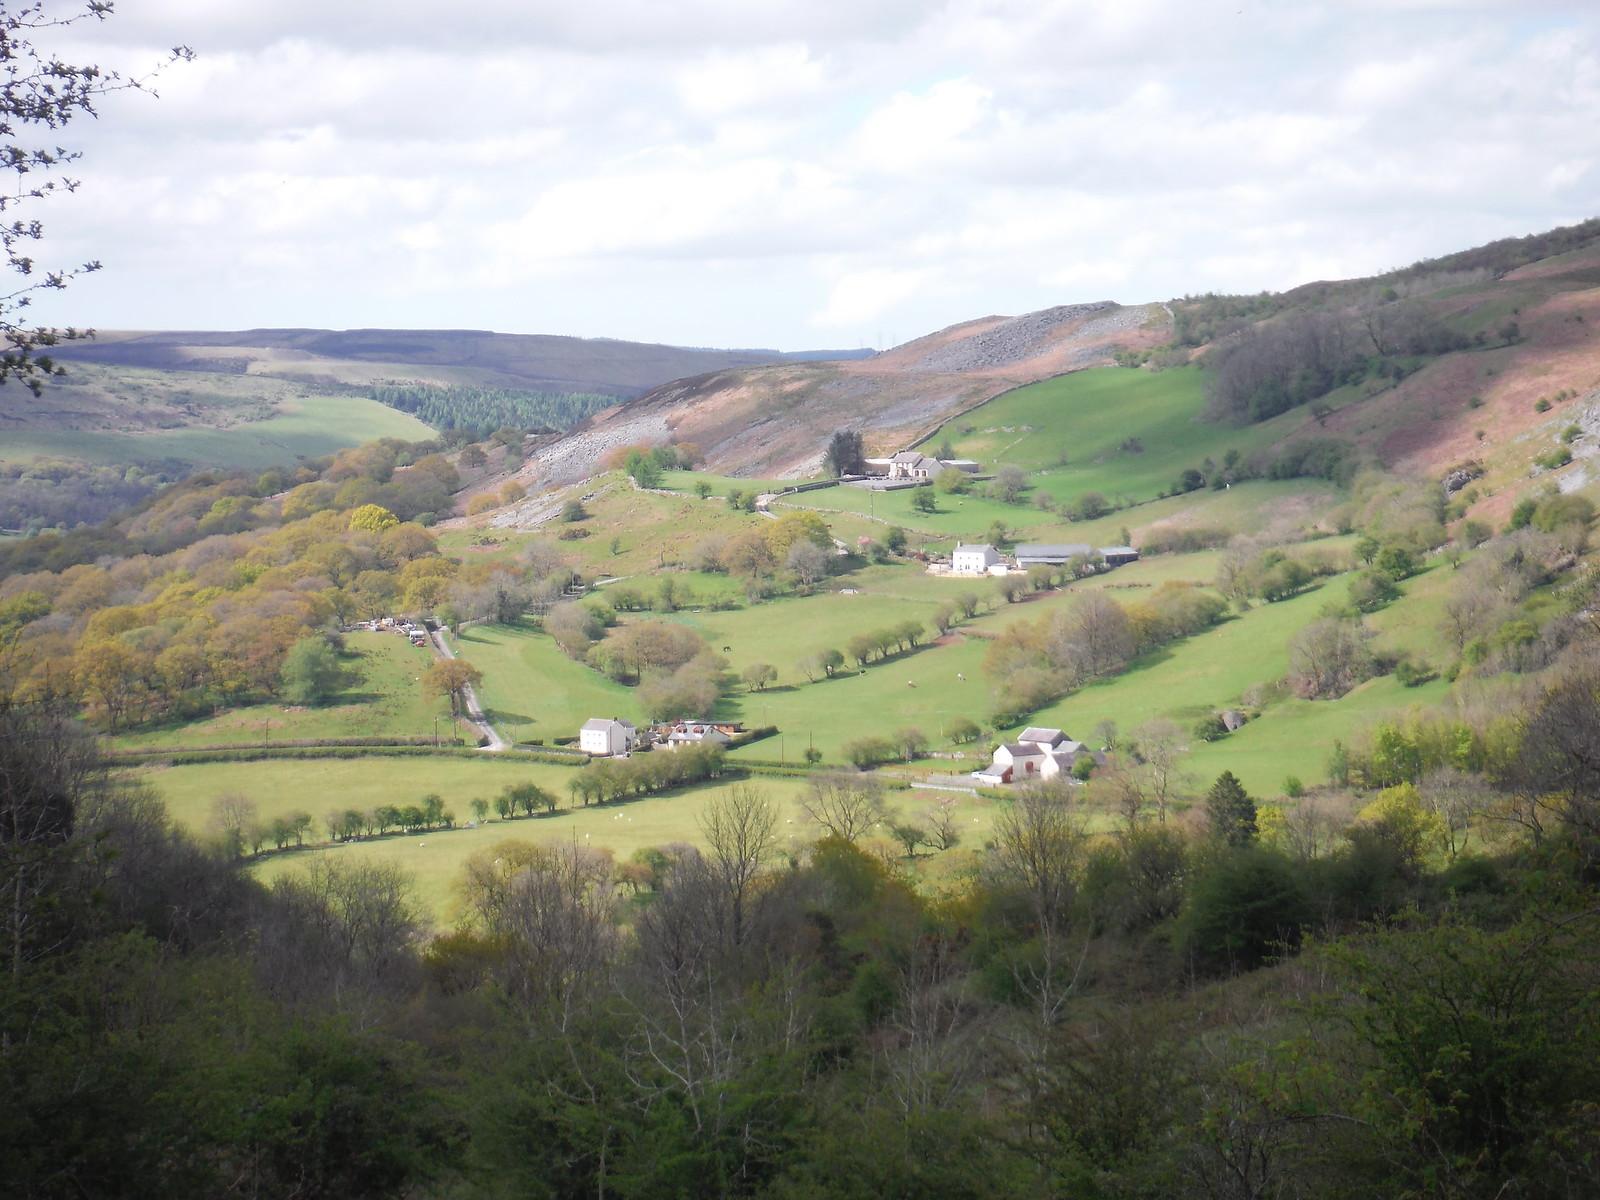 Cwm Tawe towards Glyntawe, from Allt Rhongyr SWC Walk 307 - Fforest Fawr Traverse (Craig y Nos to Llwyn-y-celyn)